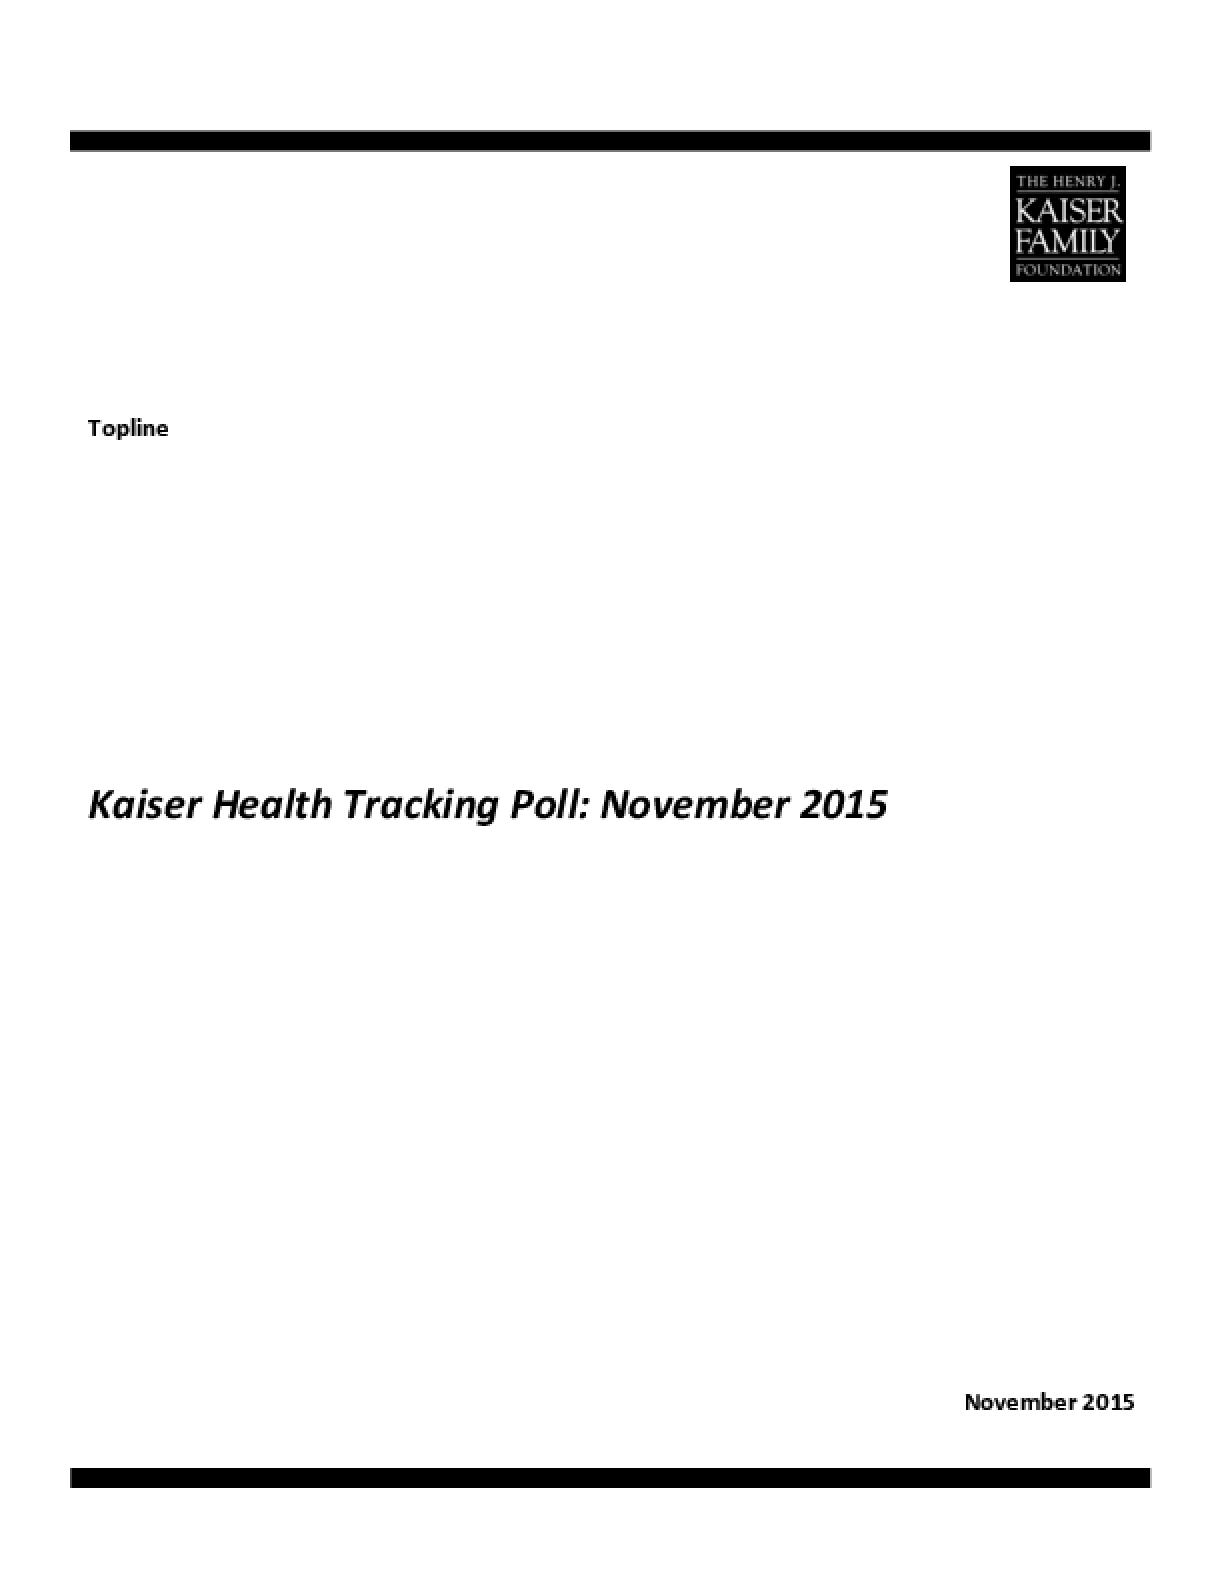 Kaiser Health Tracking Poll: November 2015